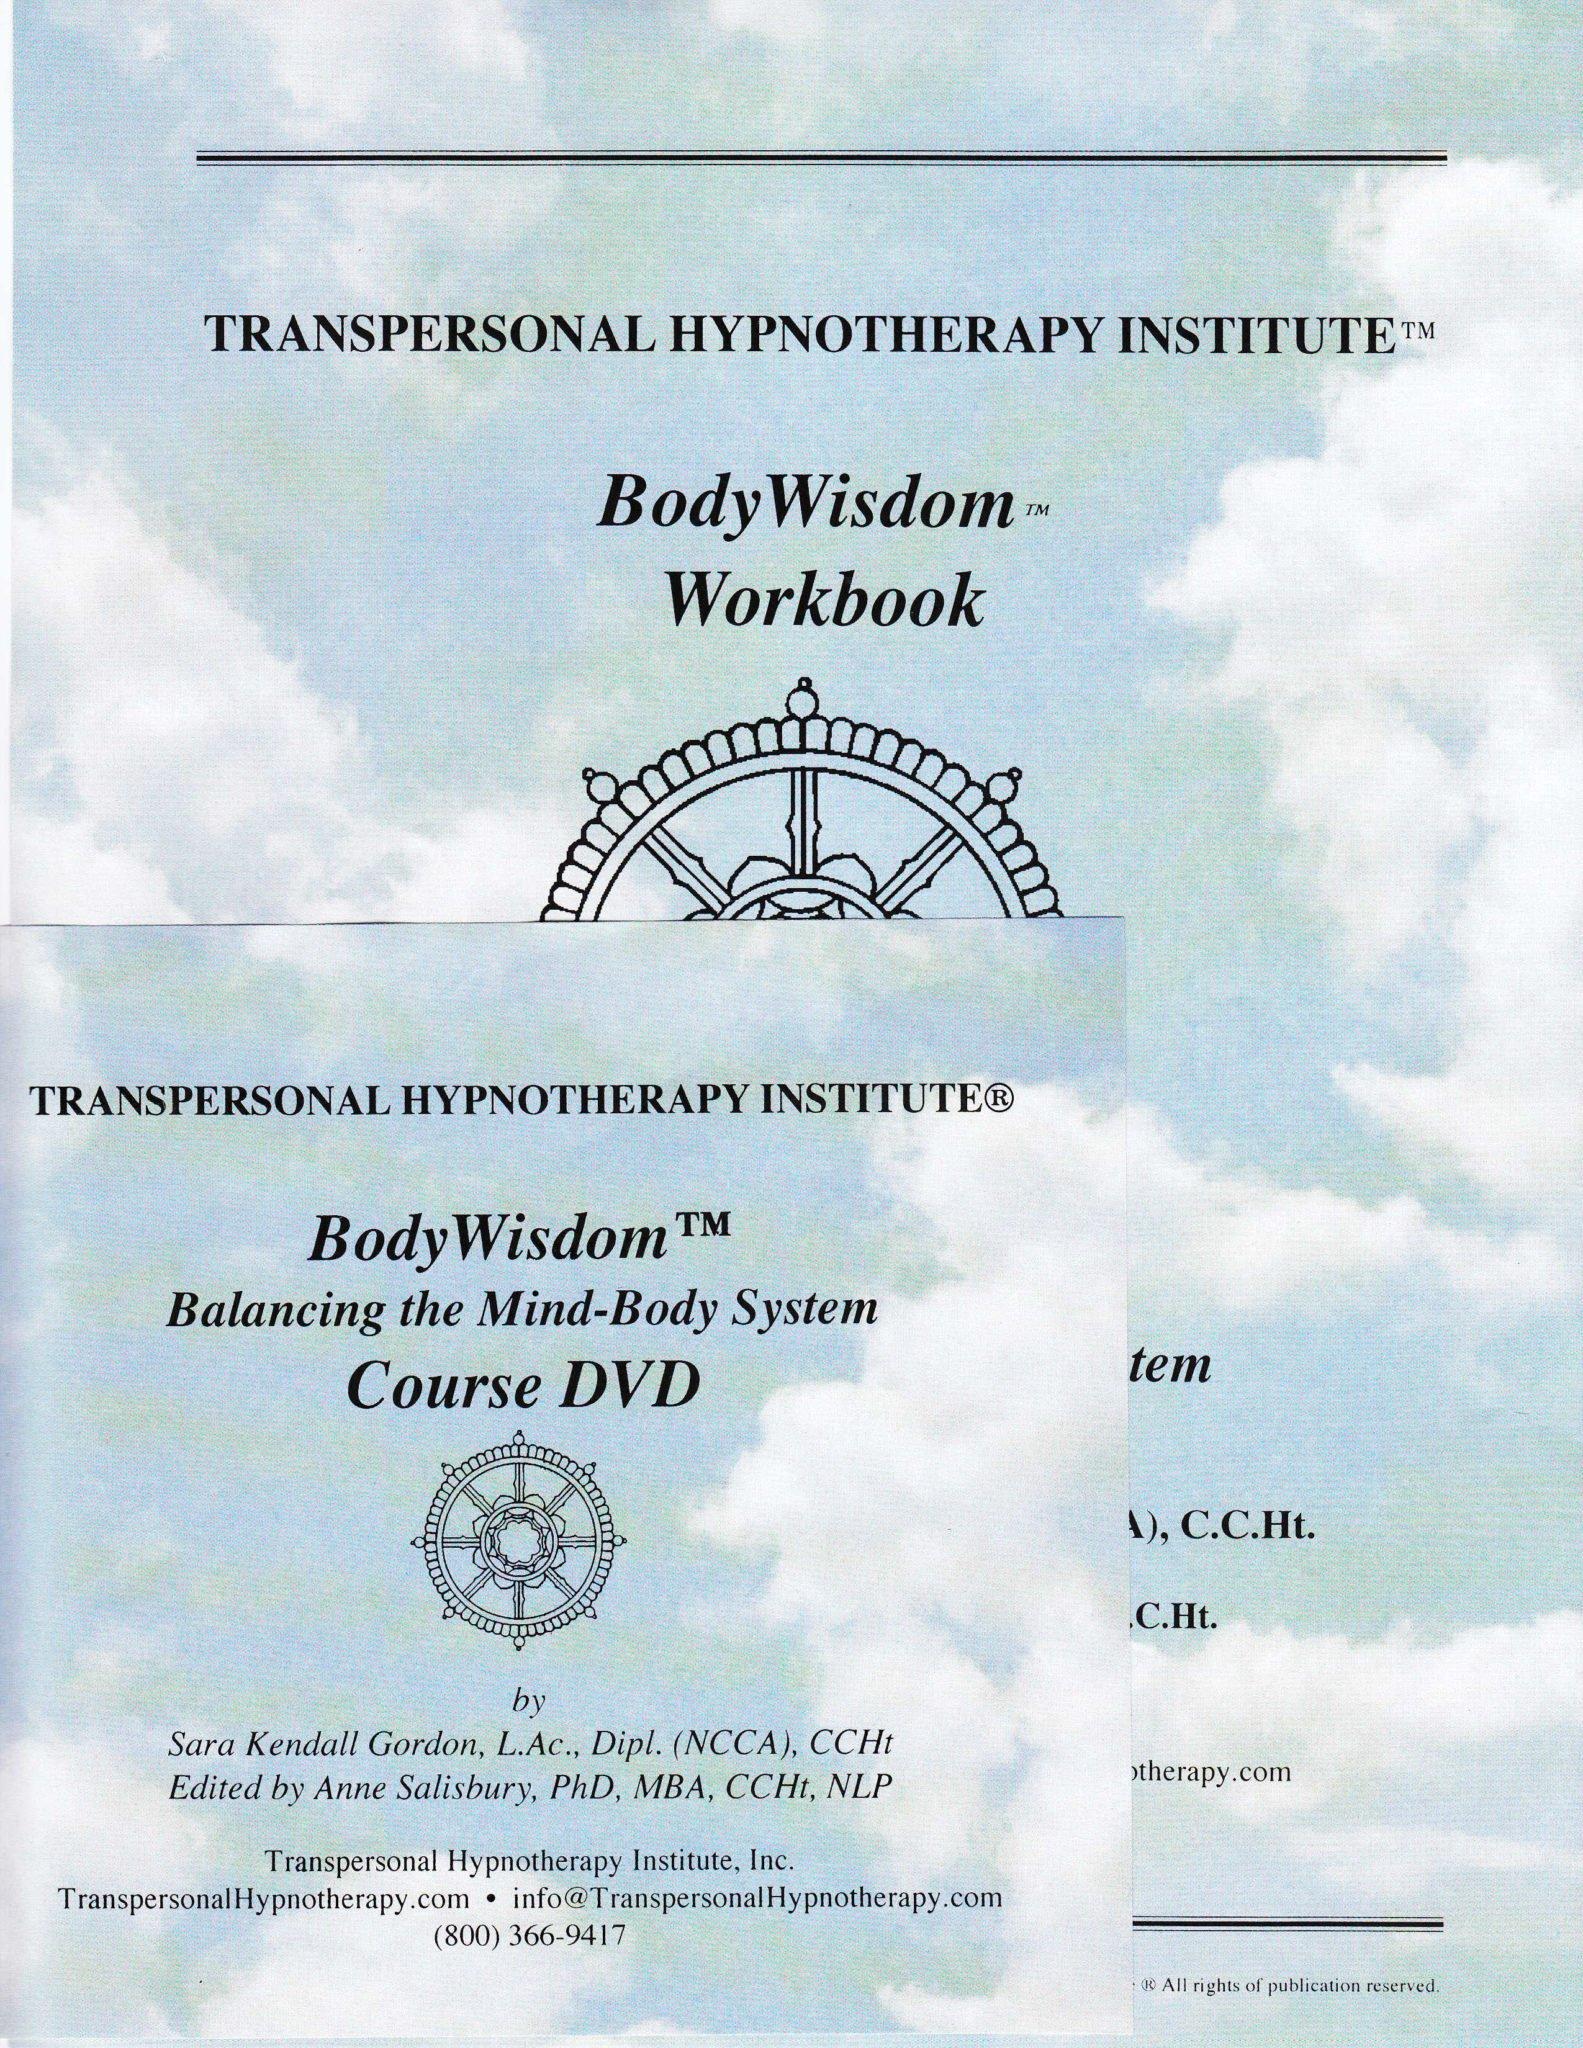 transpersonal hypnotherapy, bodywisdom